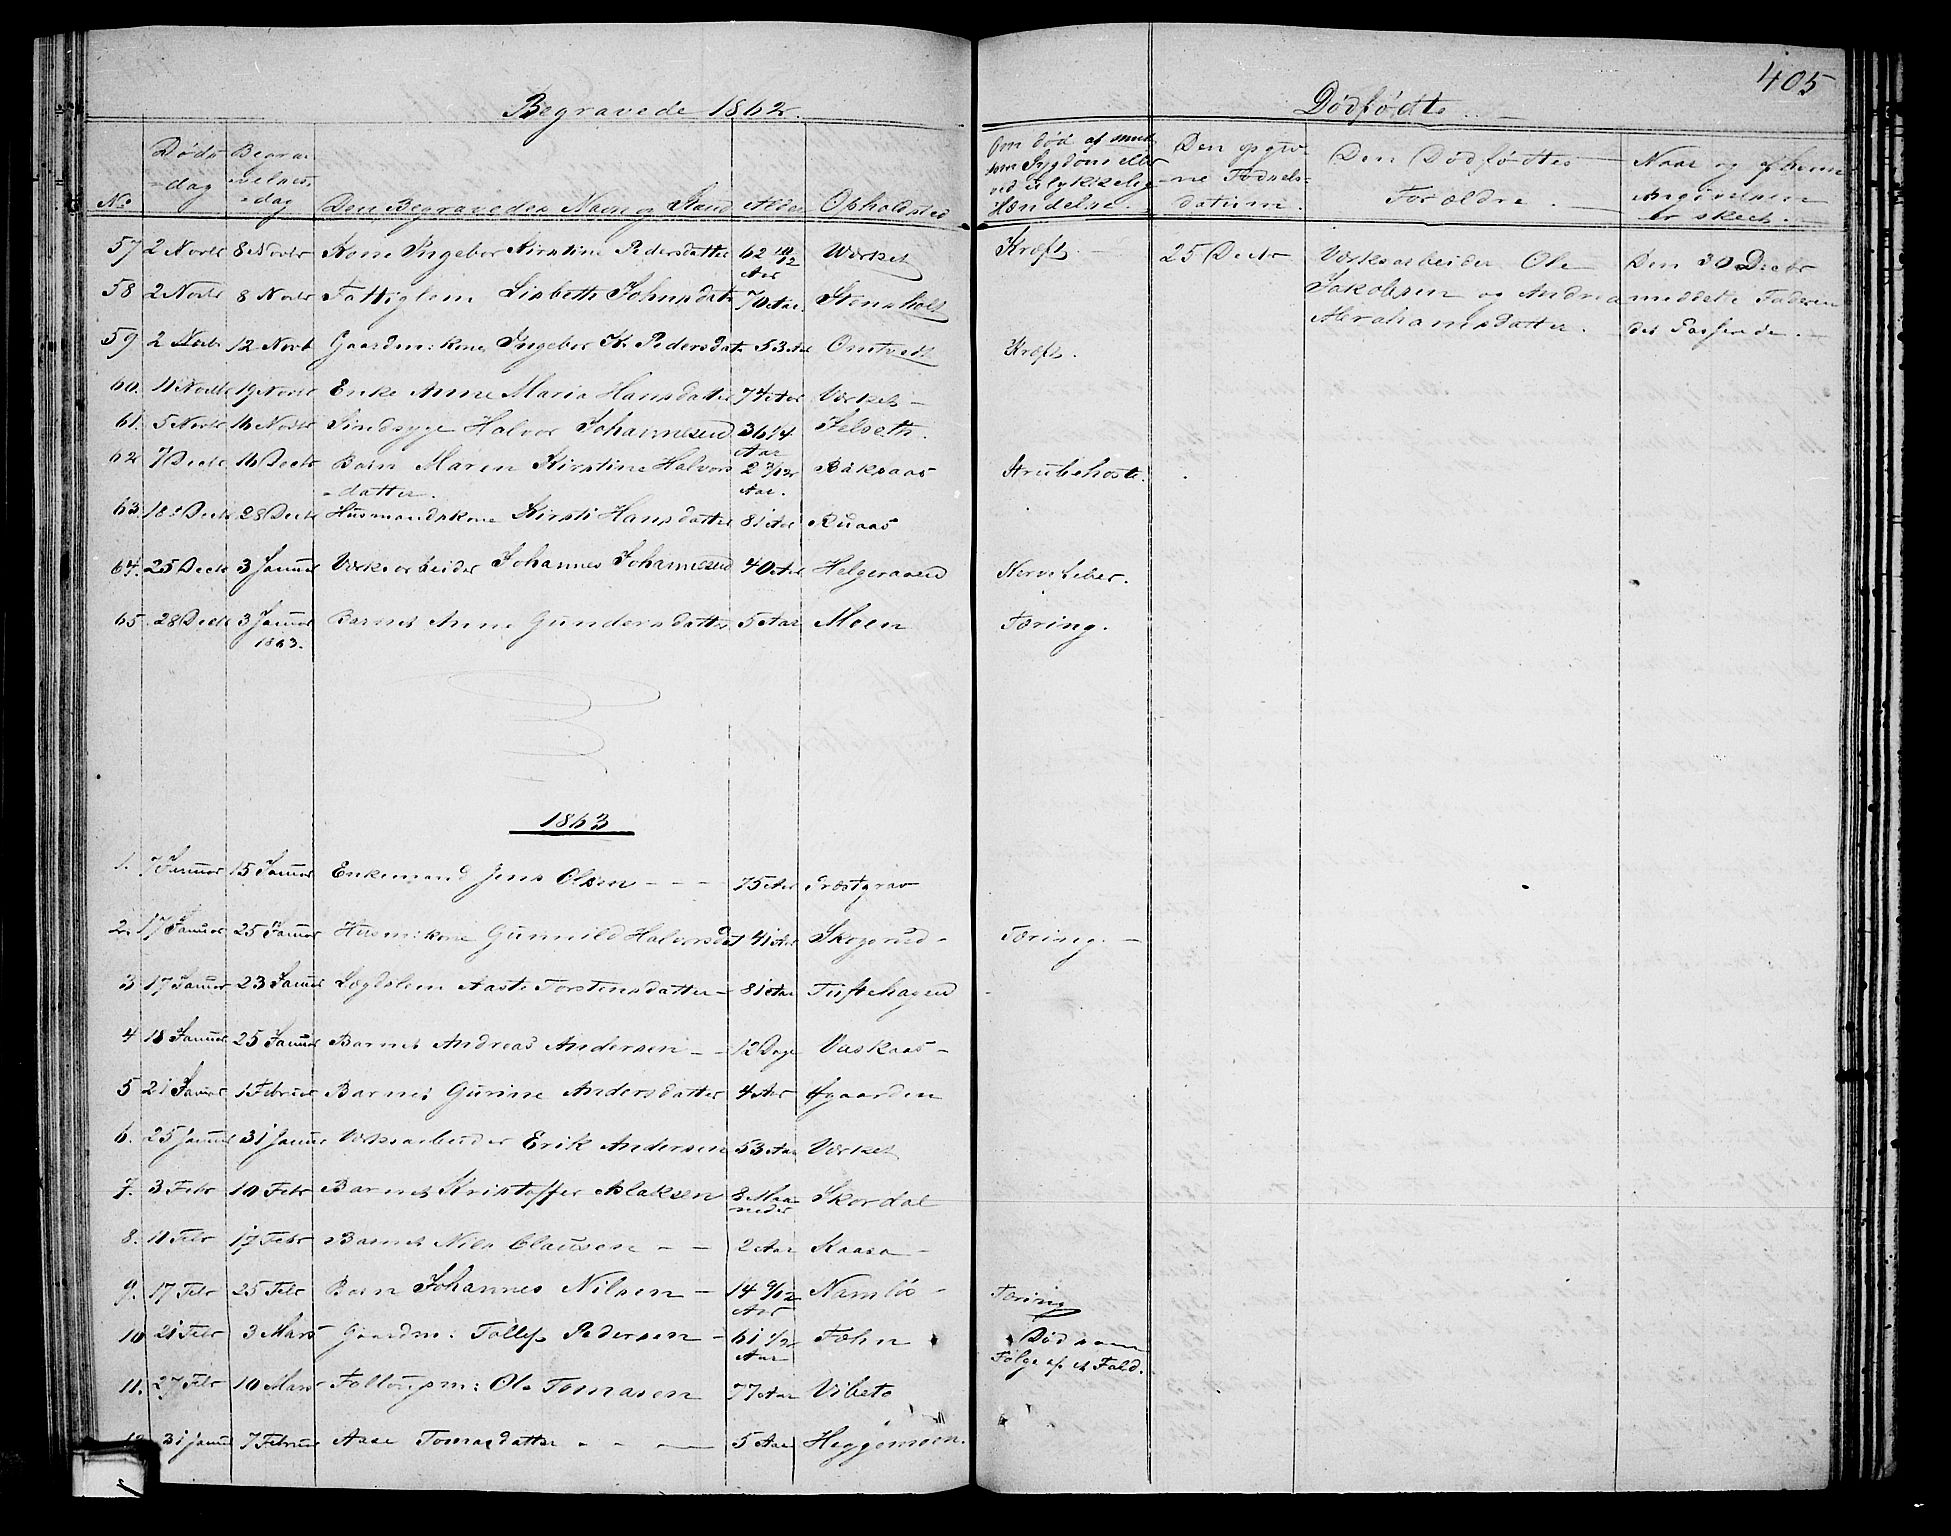 SAKO, Holla kirkebøker, G/Ga/L0003: Klokkerbok nr. I 3, 1849-1866, s. 405